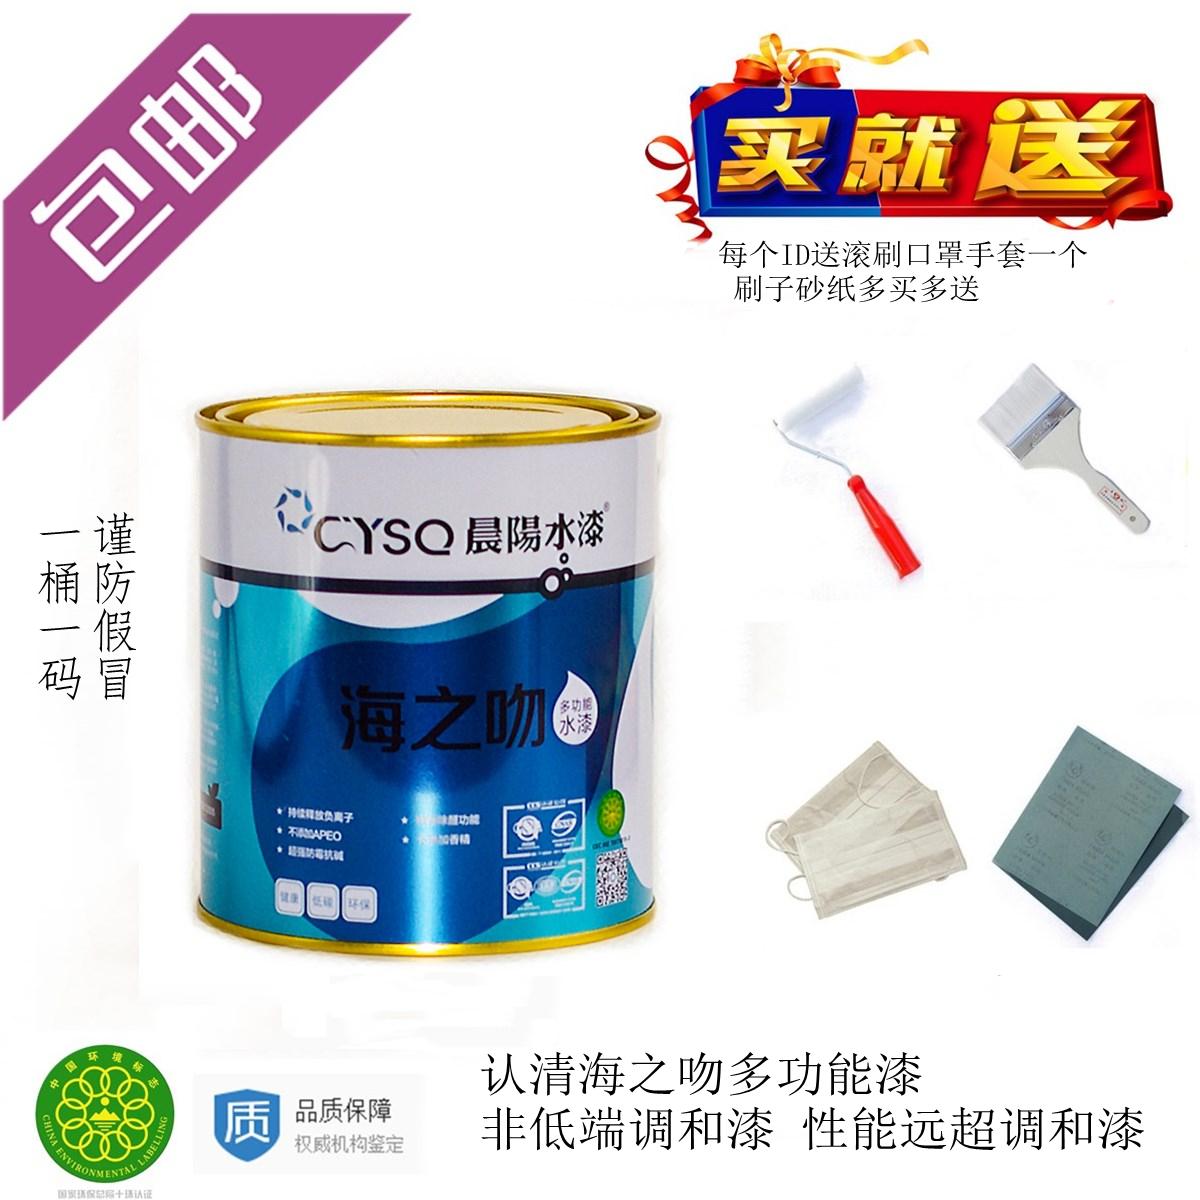 油漆 木器漆 家具修补